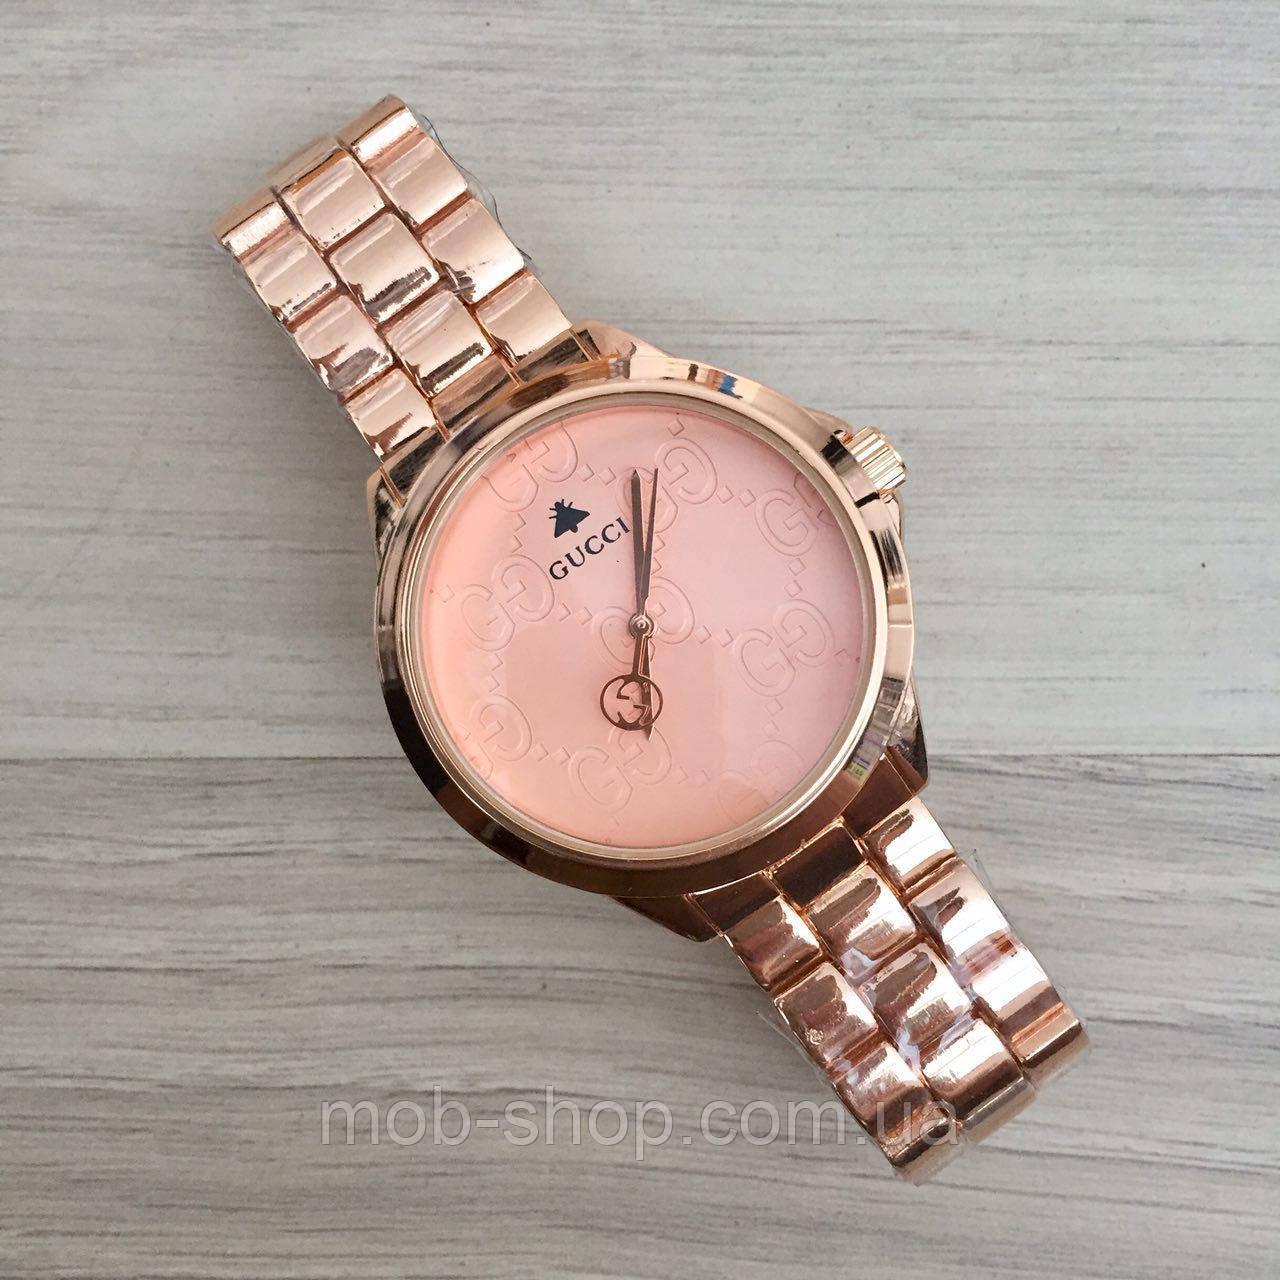 5d7db514 Наручные часы Gucci 7161 GFS All Cuprum, цена 350 грн., купить в ...